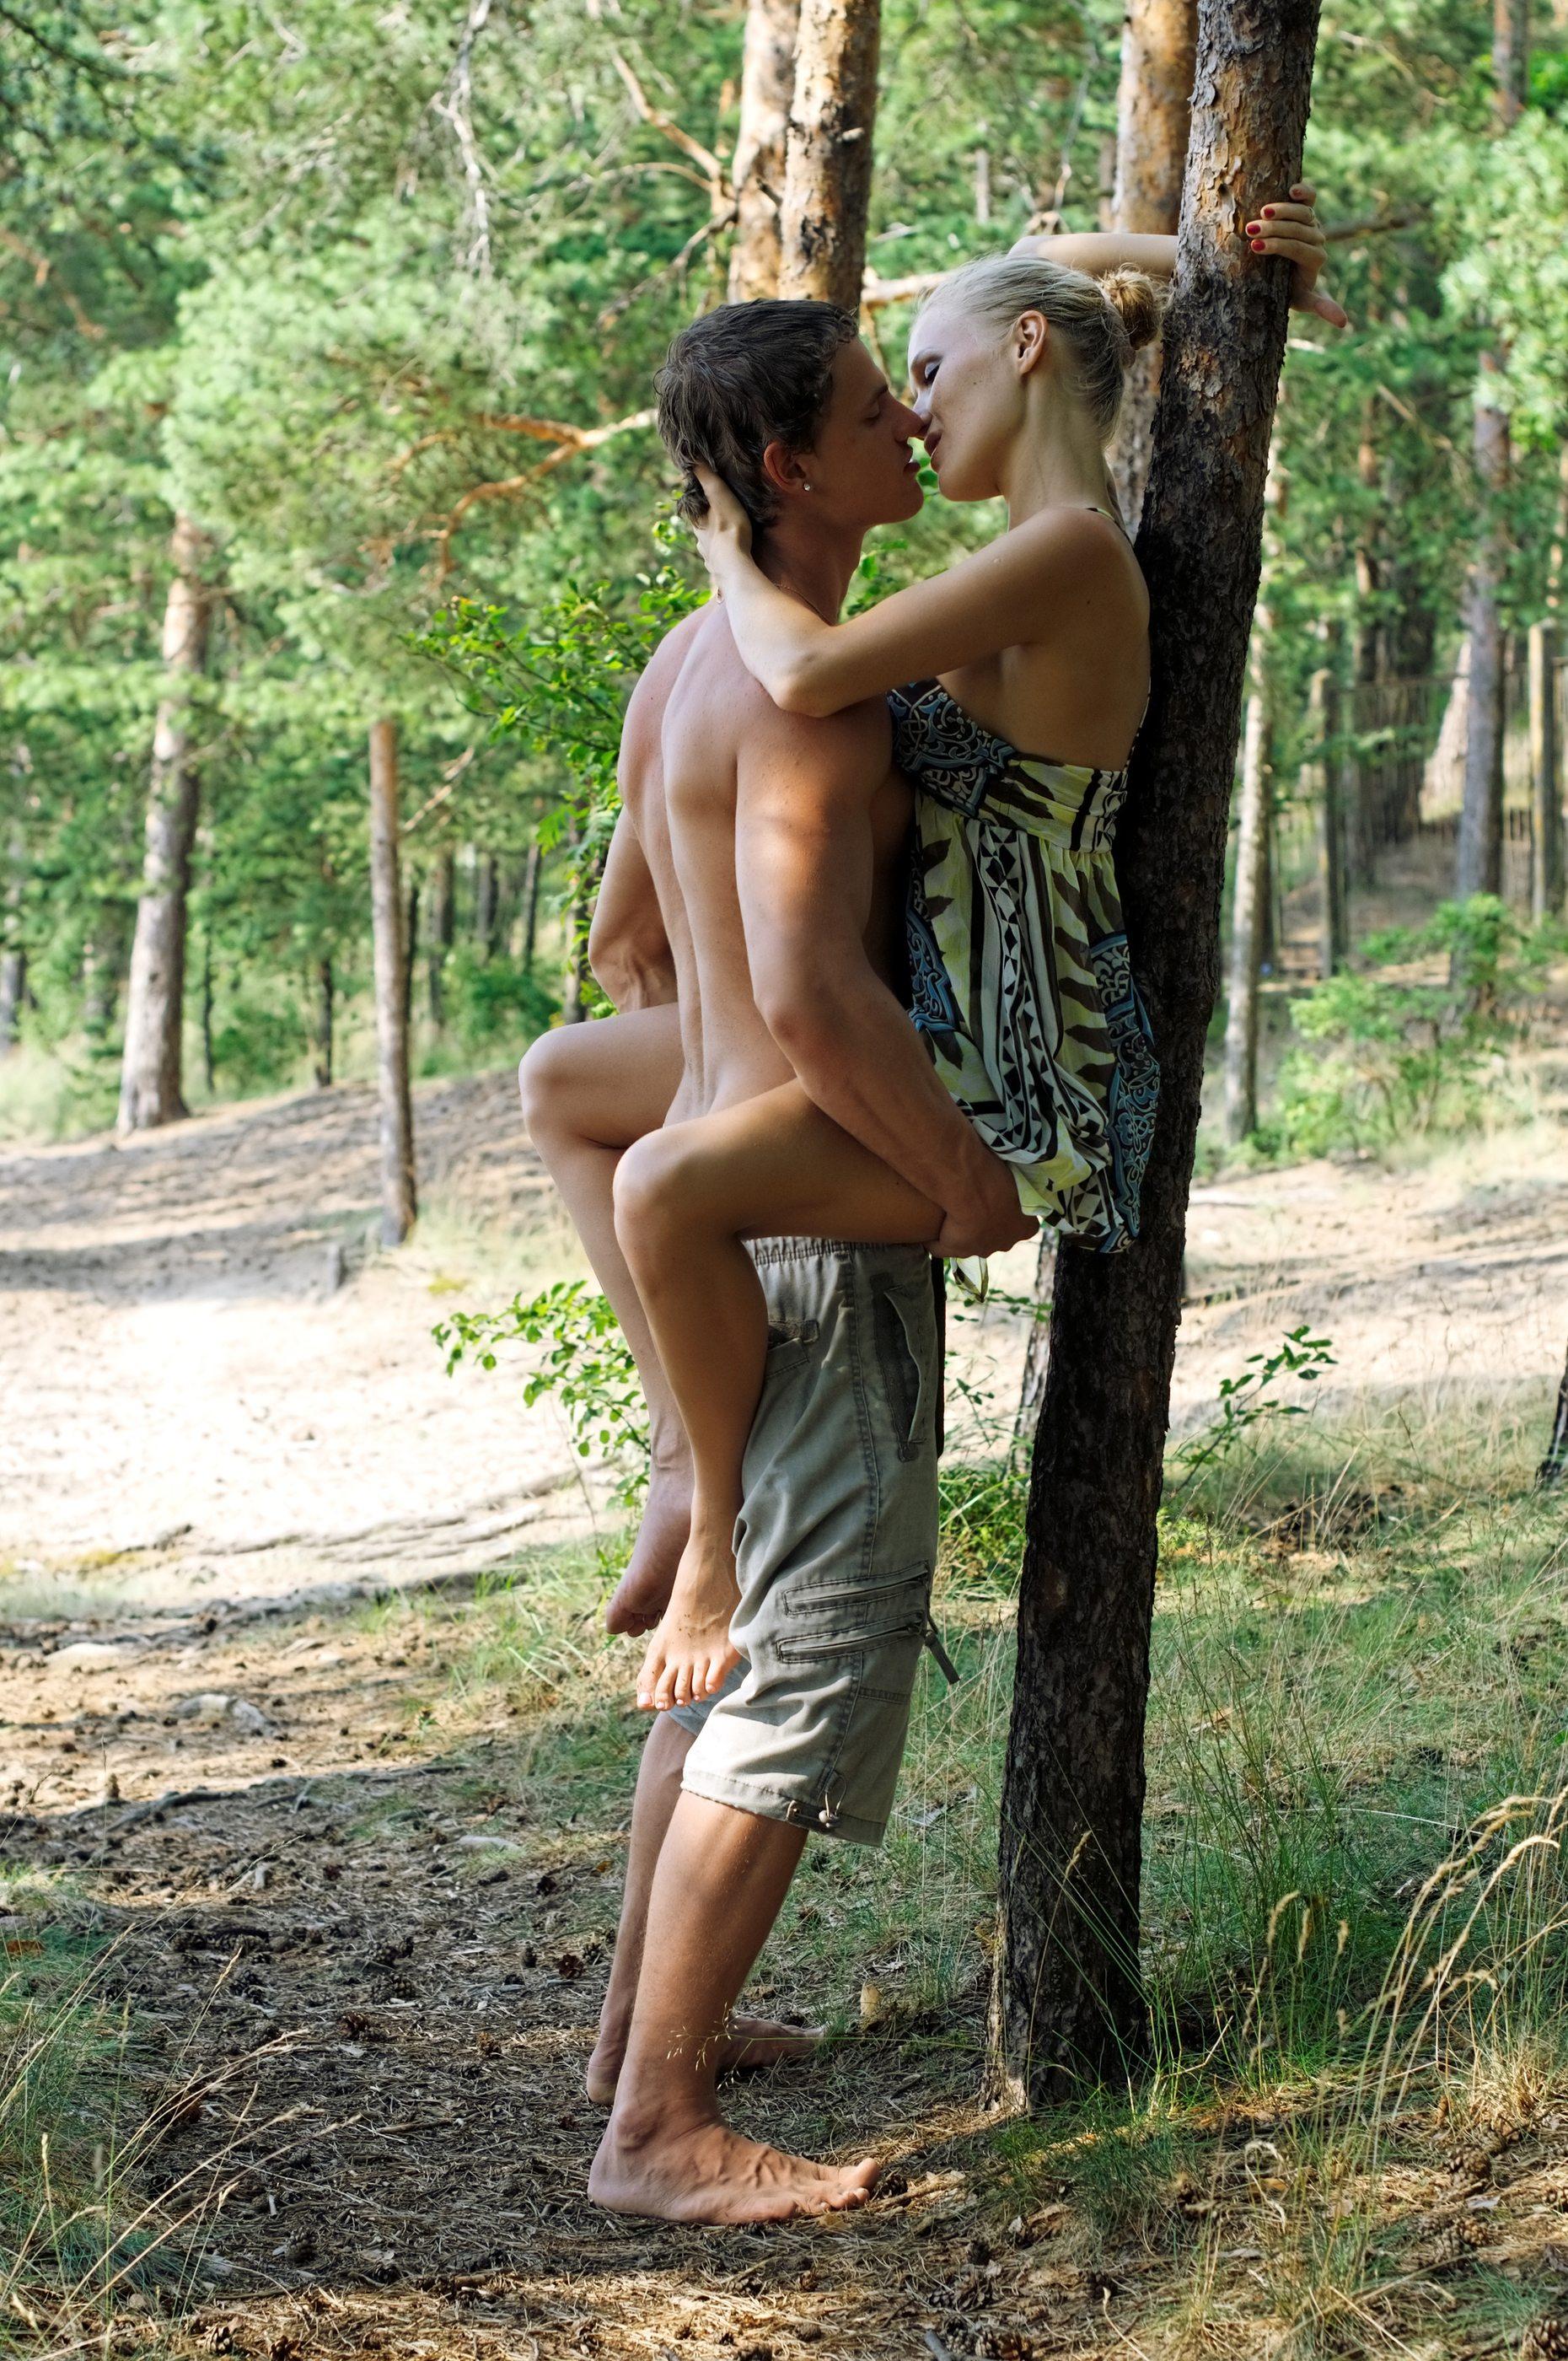 Swinger fru naken